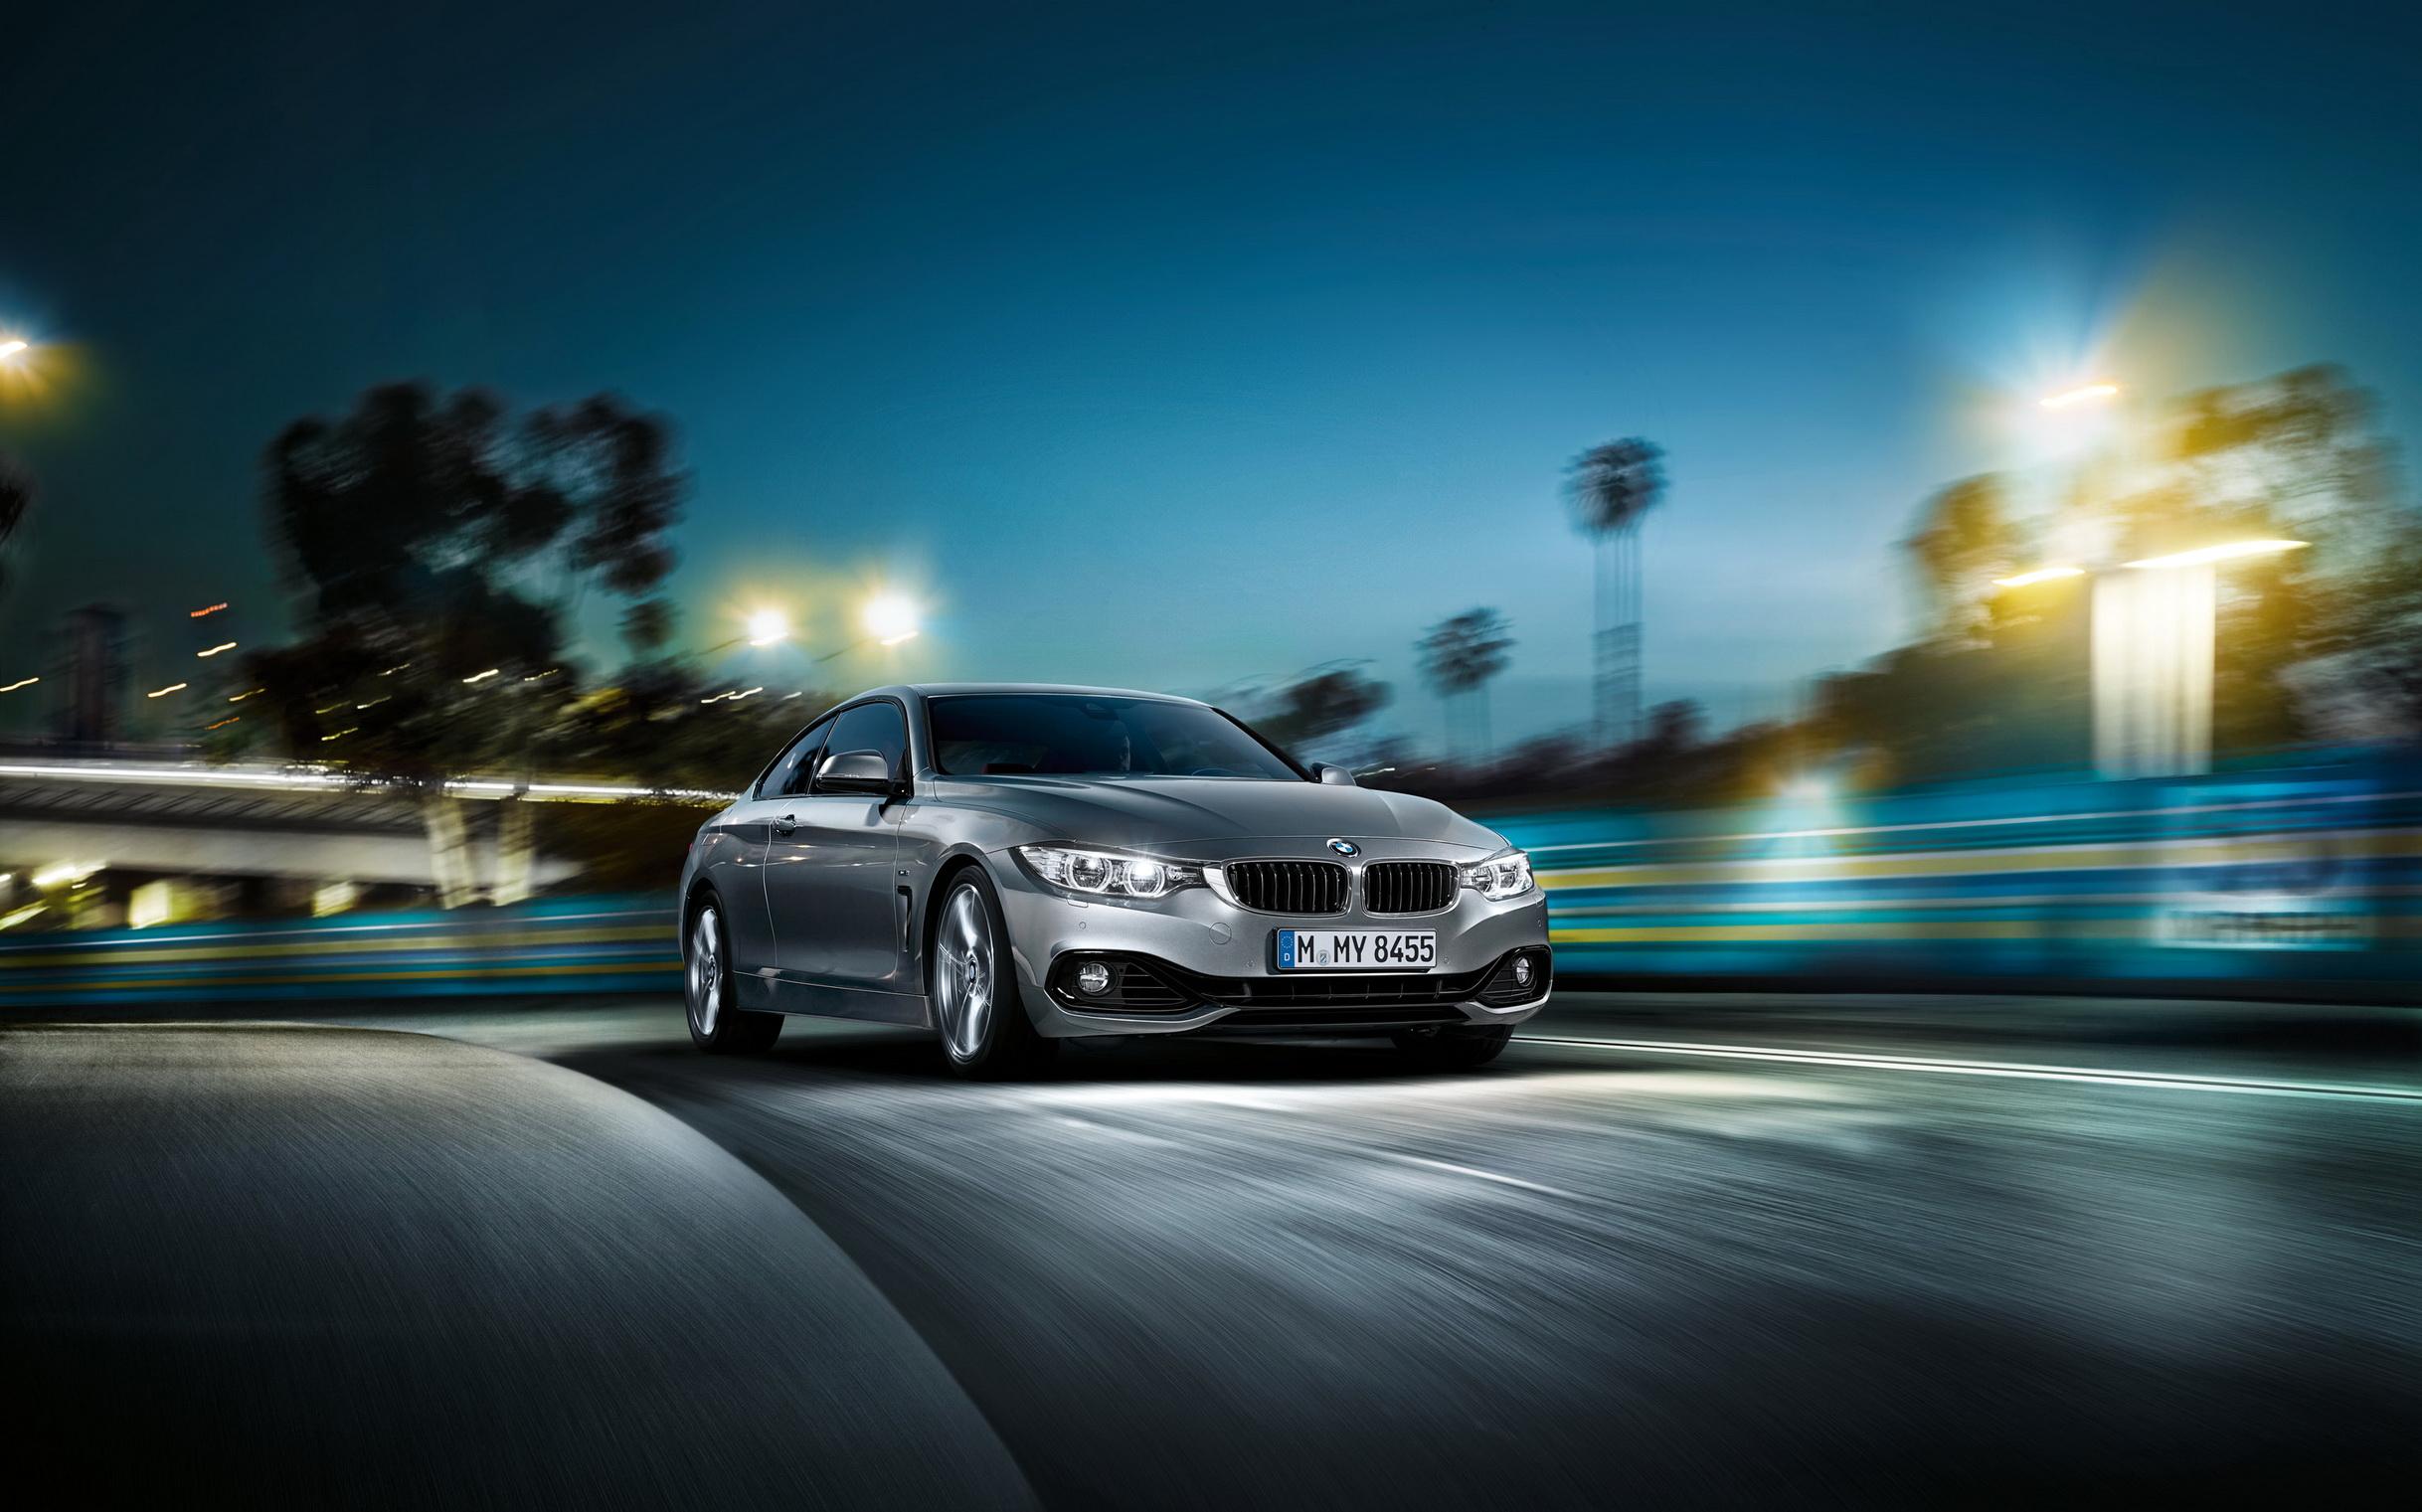 Фотография BMW 2014 bmw 4 series coupe ночью Автомобили 2436x1521 БМВ Ночь авто в ночи Ночные машины машина автомобиль